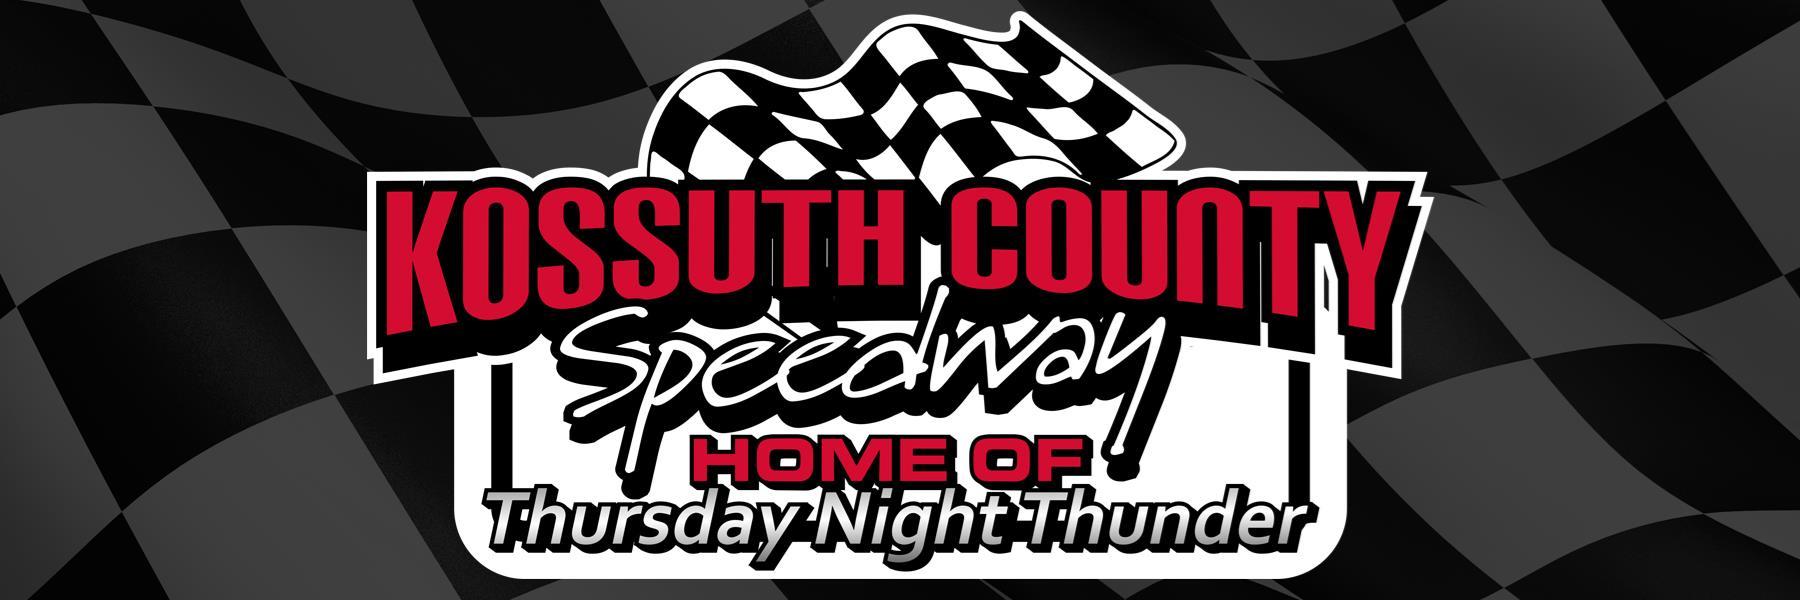 Kossuth County Speedway